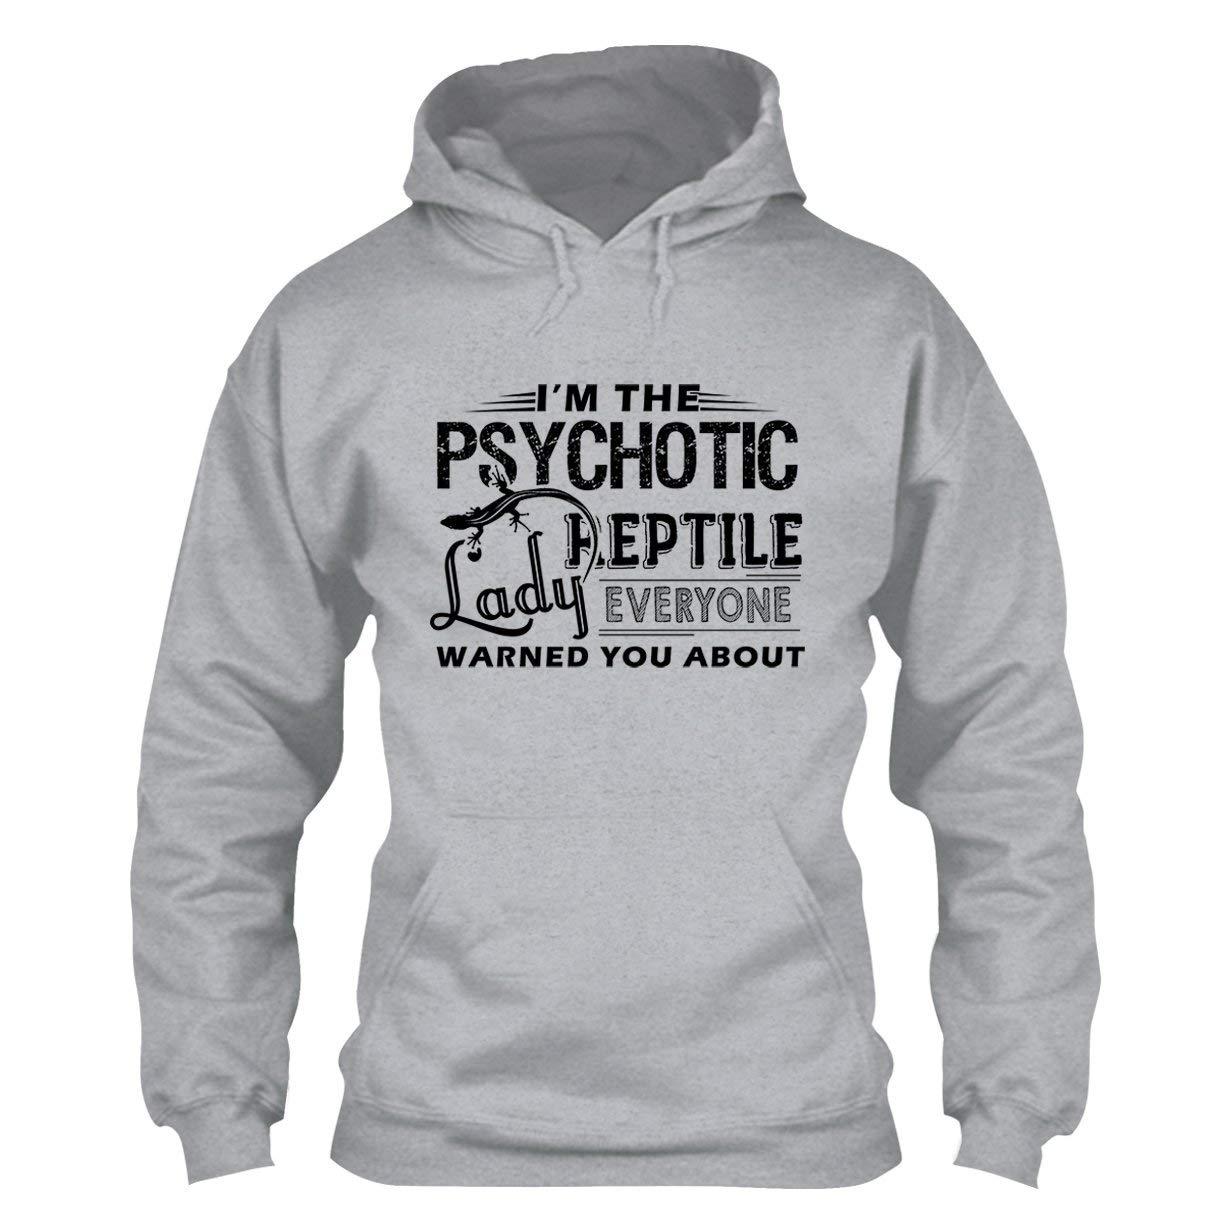 EZARO Psychotic Reptile Lady Hoodie, Long Sleeve Hoodies, Clothes Grey,S